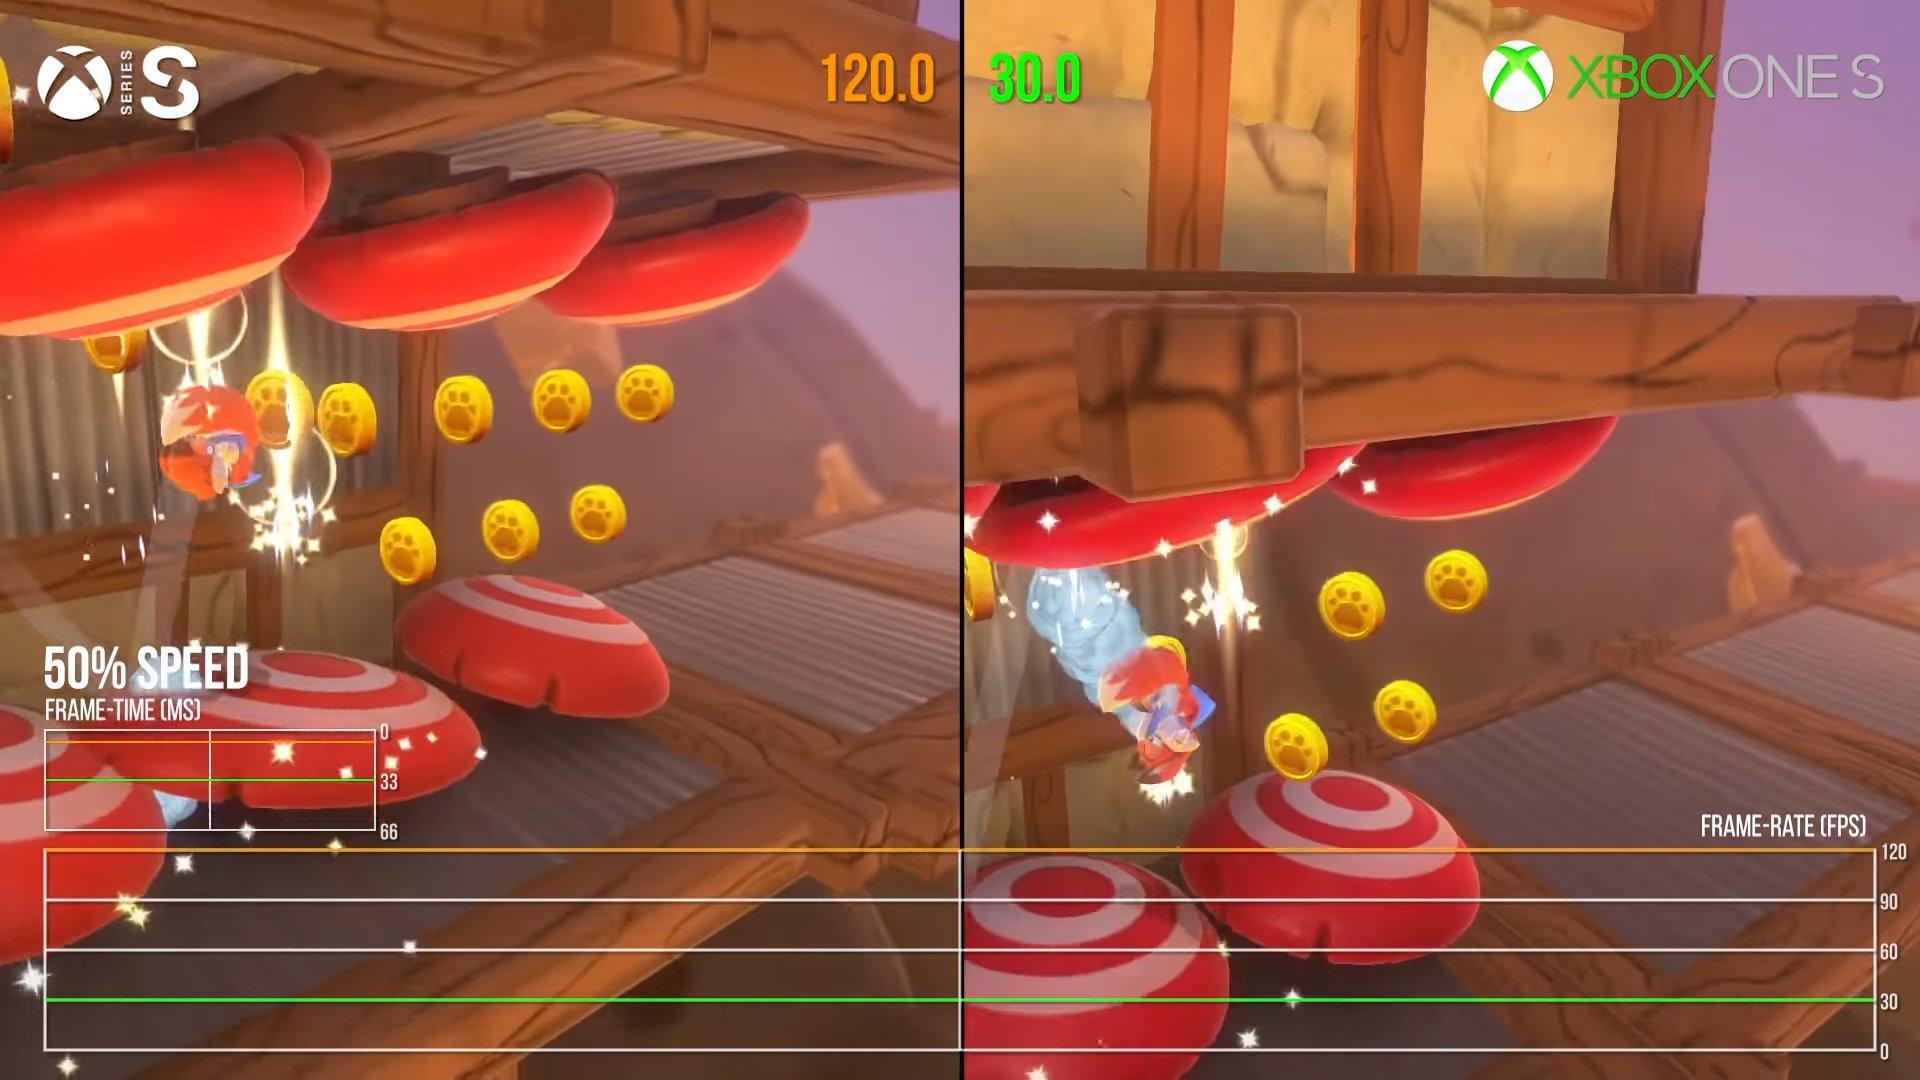 Nueva comparación de Super Lucky's Tale